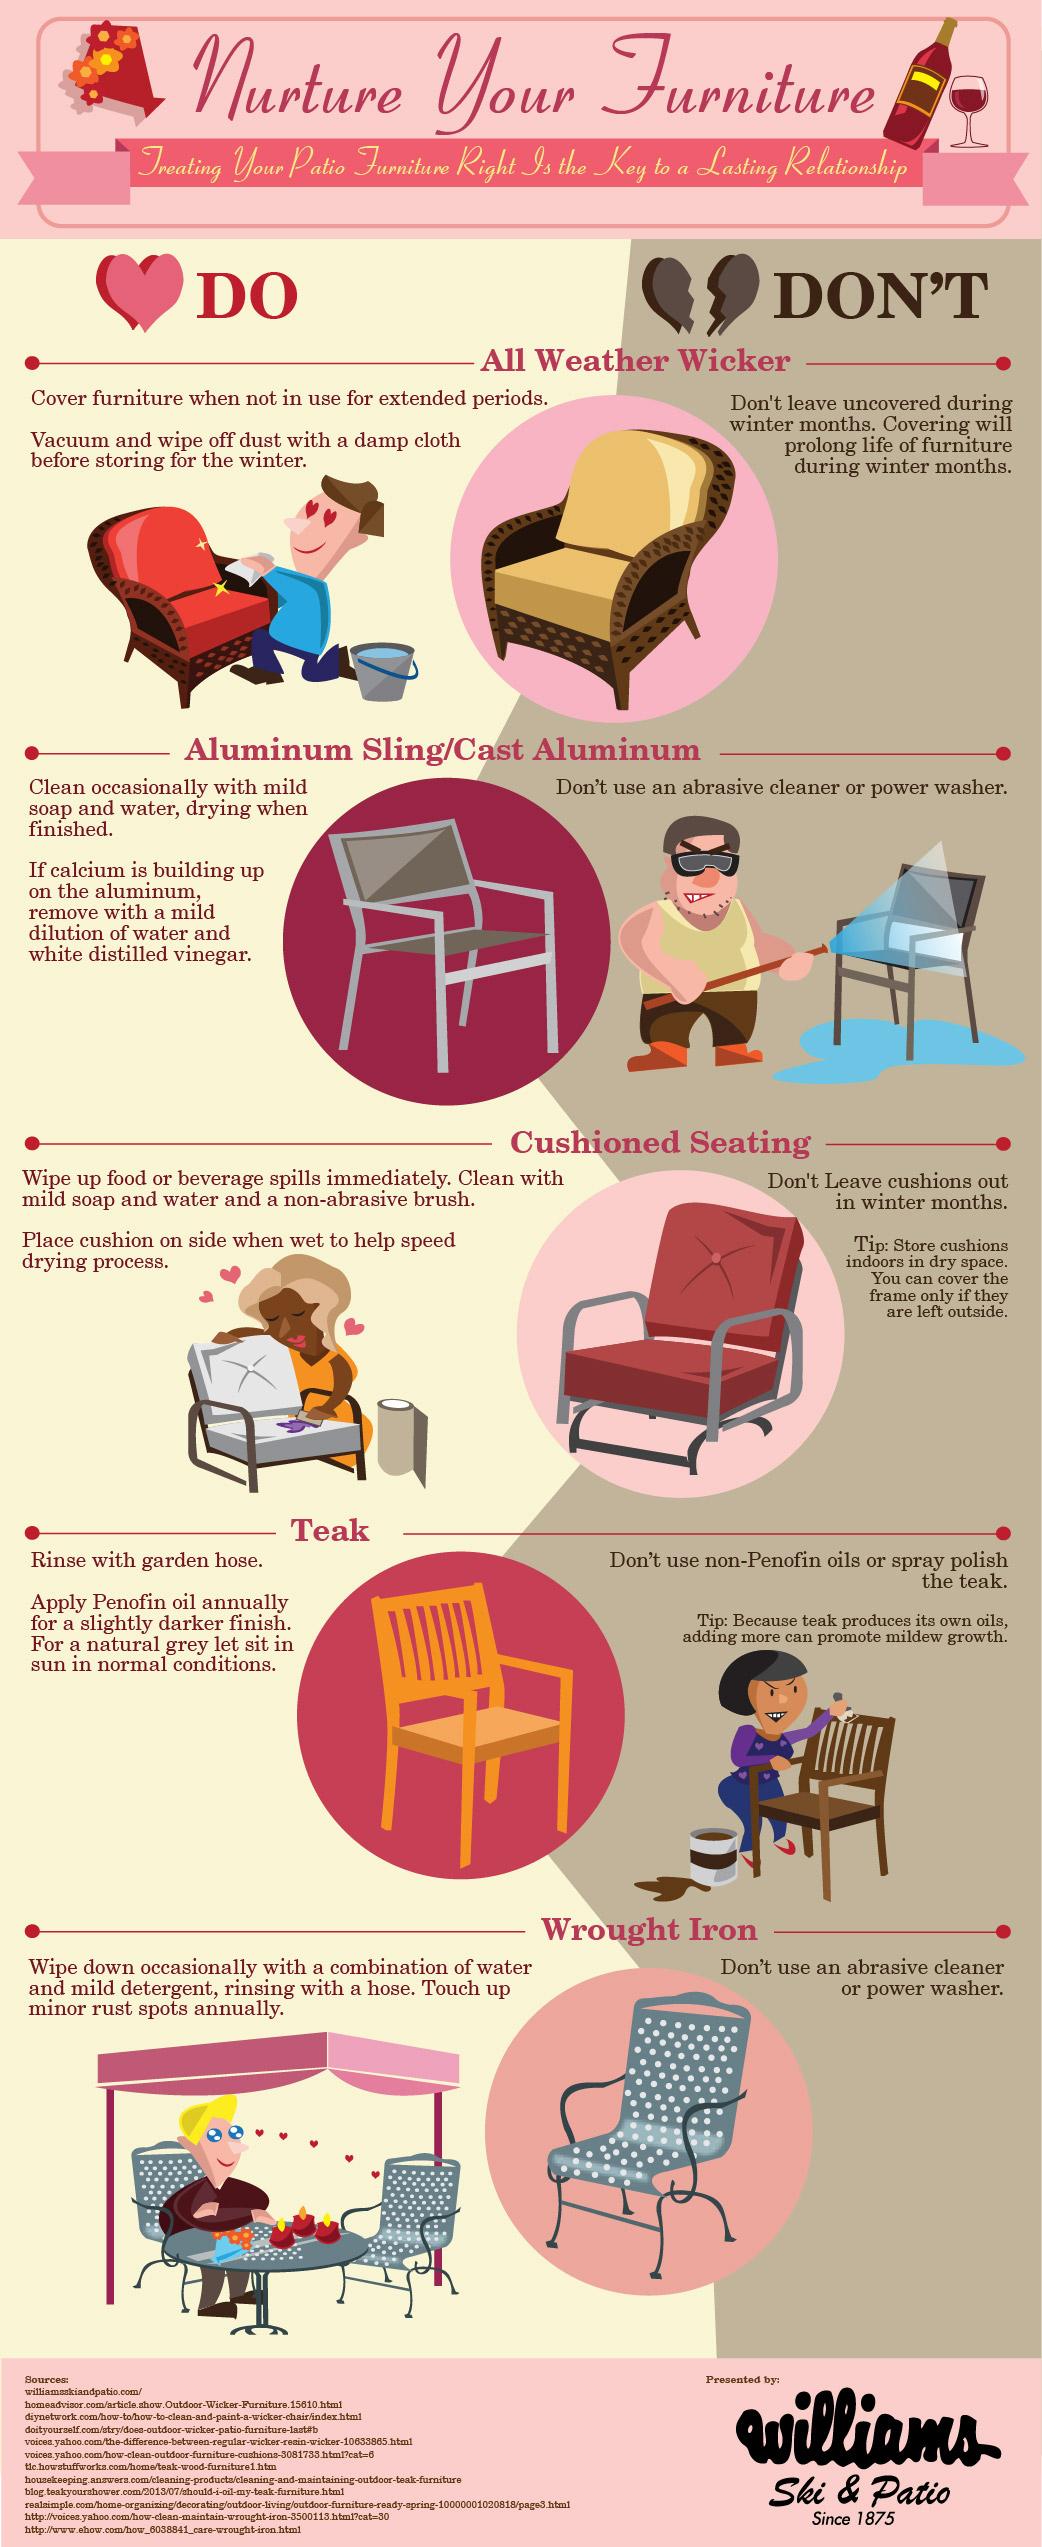 Nurture Your Furniture